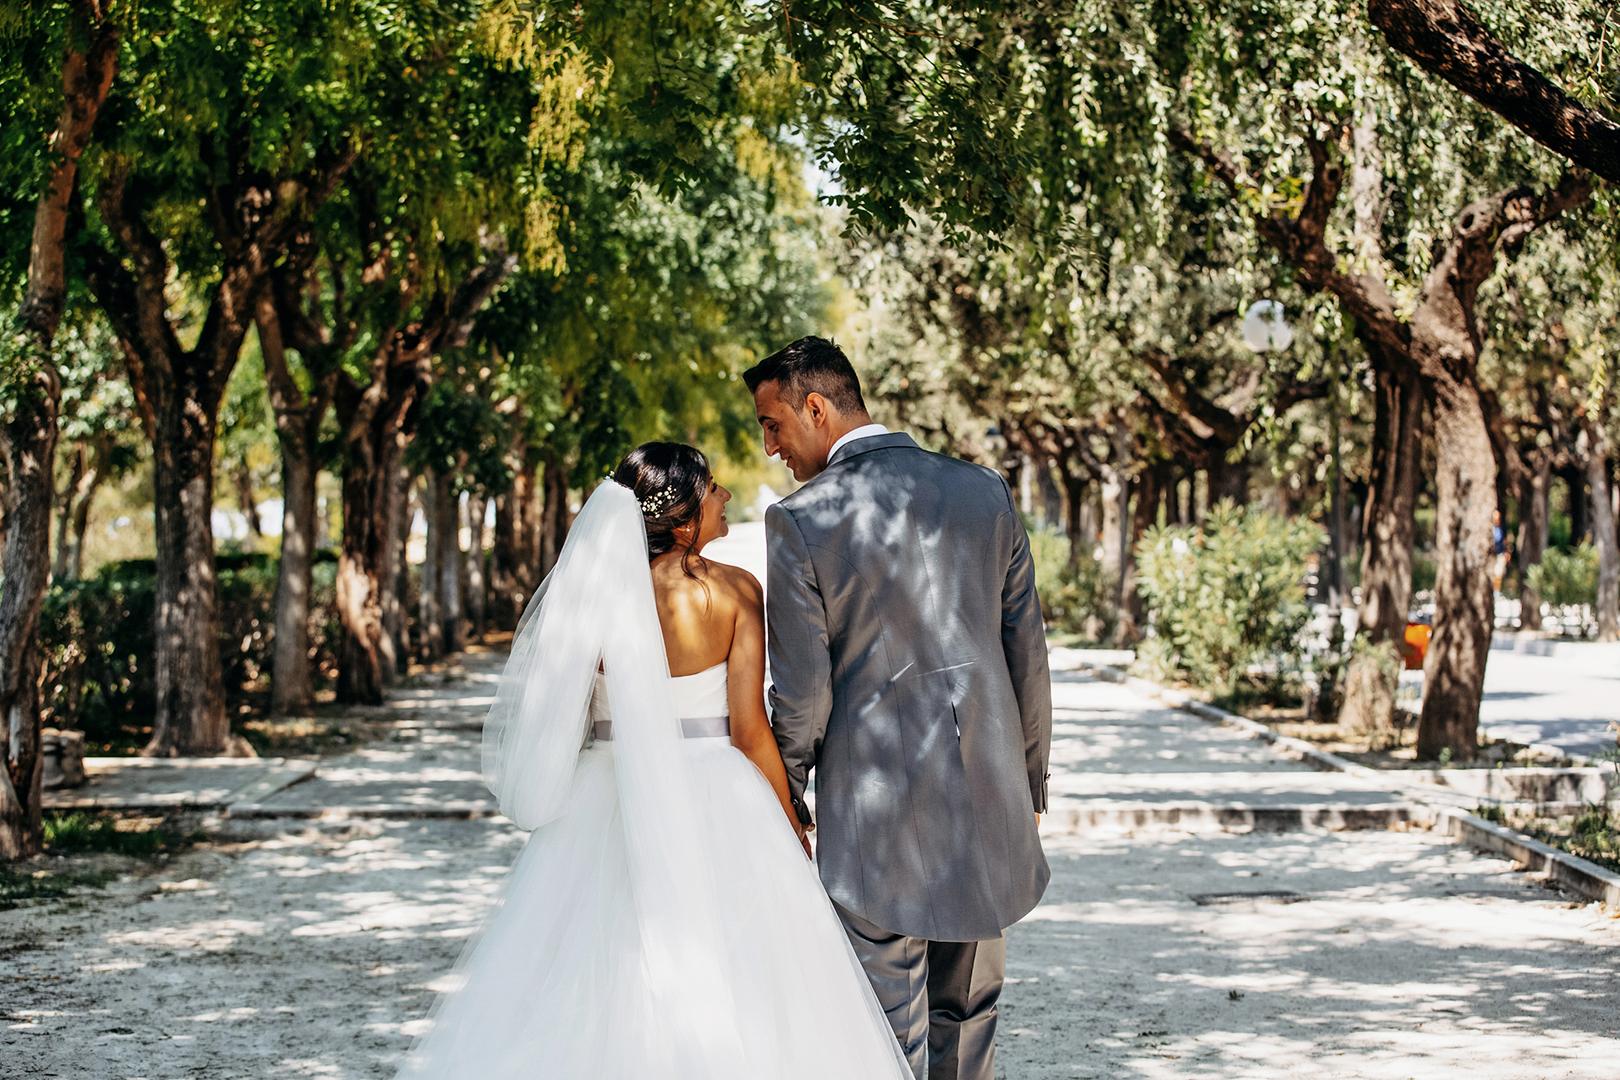 34 gianni-lepopre-matrimonio-sposi-villa-comunale-lucera